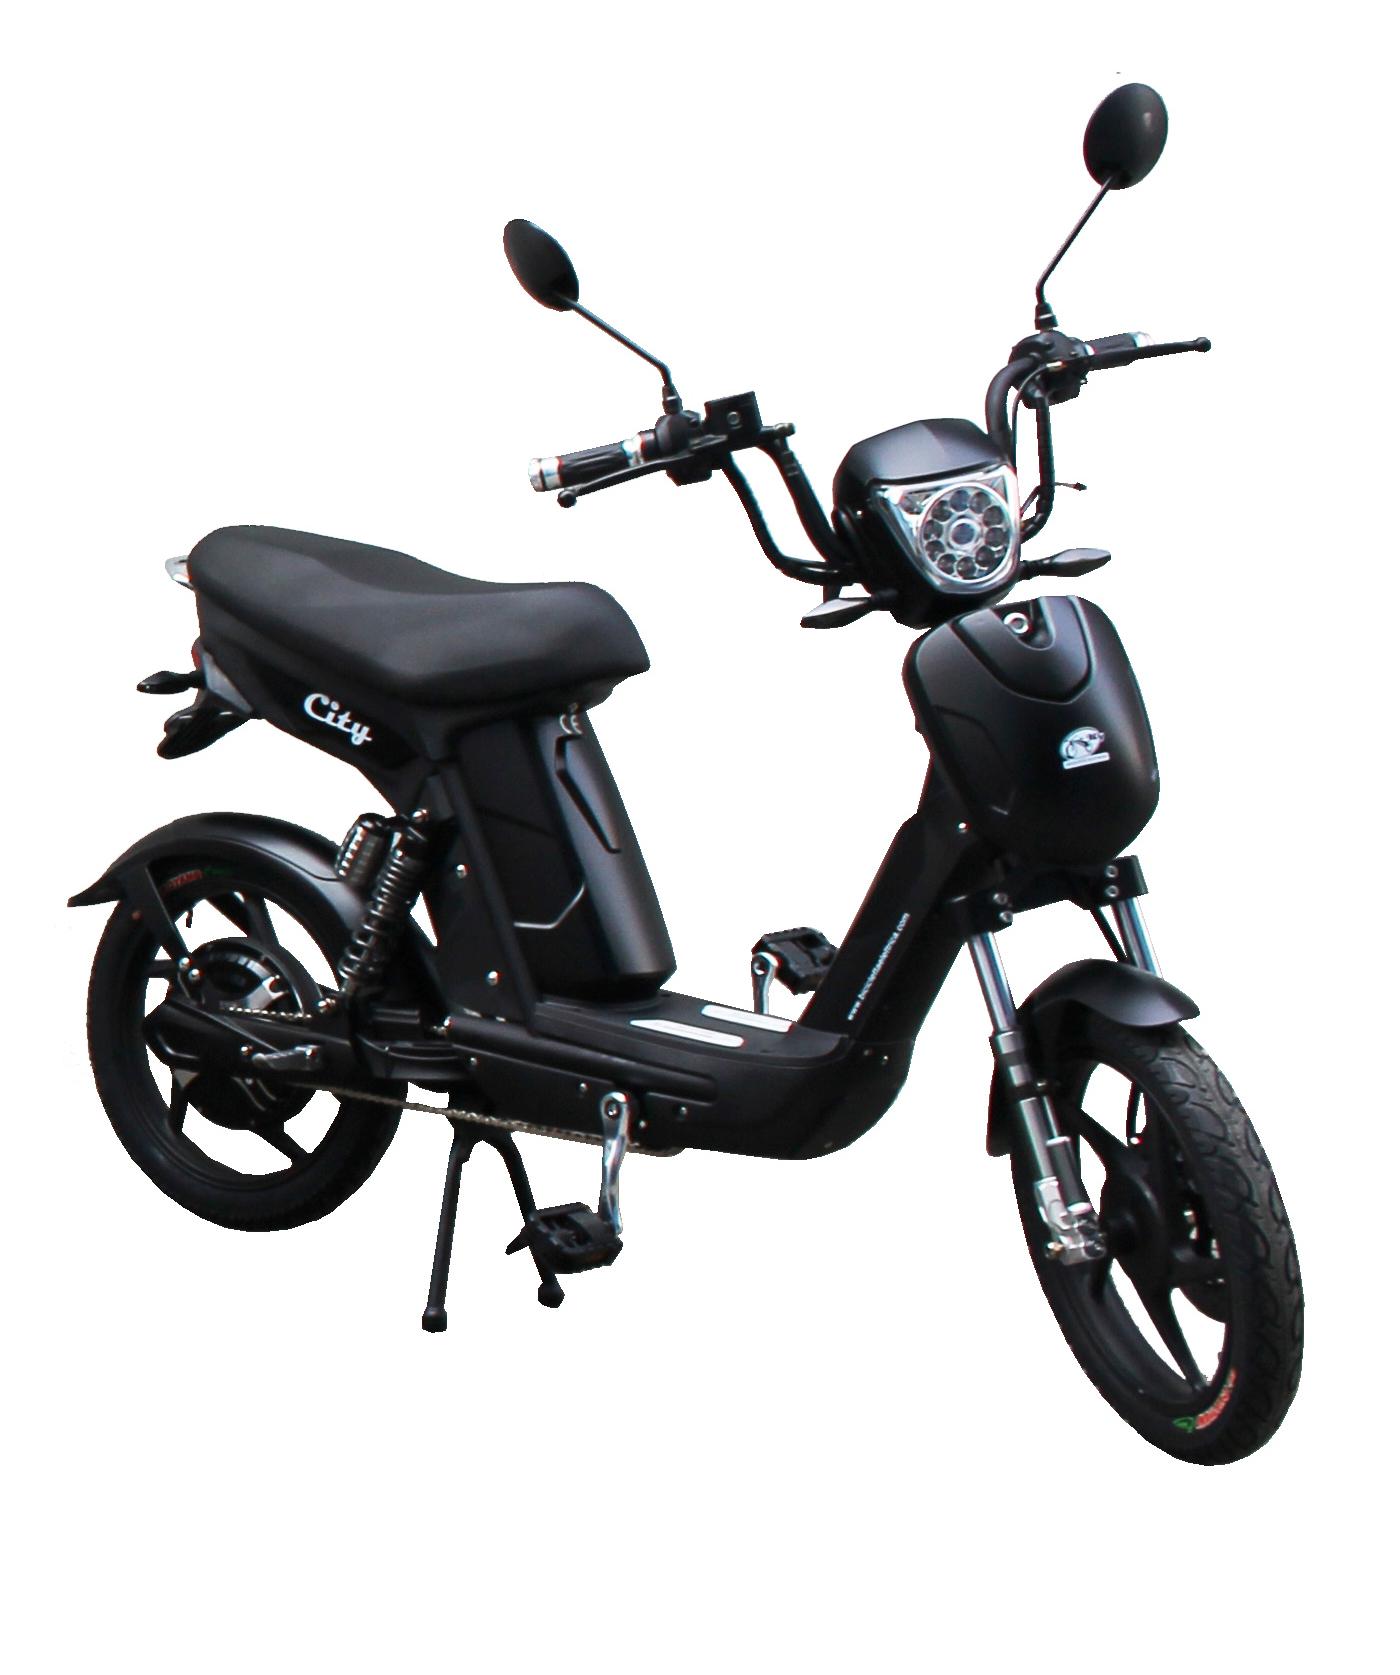 Bici E-Bike / E-Fahrrad / Elektrofahrrad City schwarz Bild 1